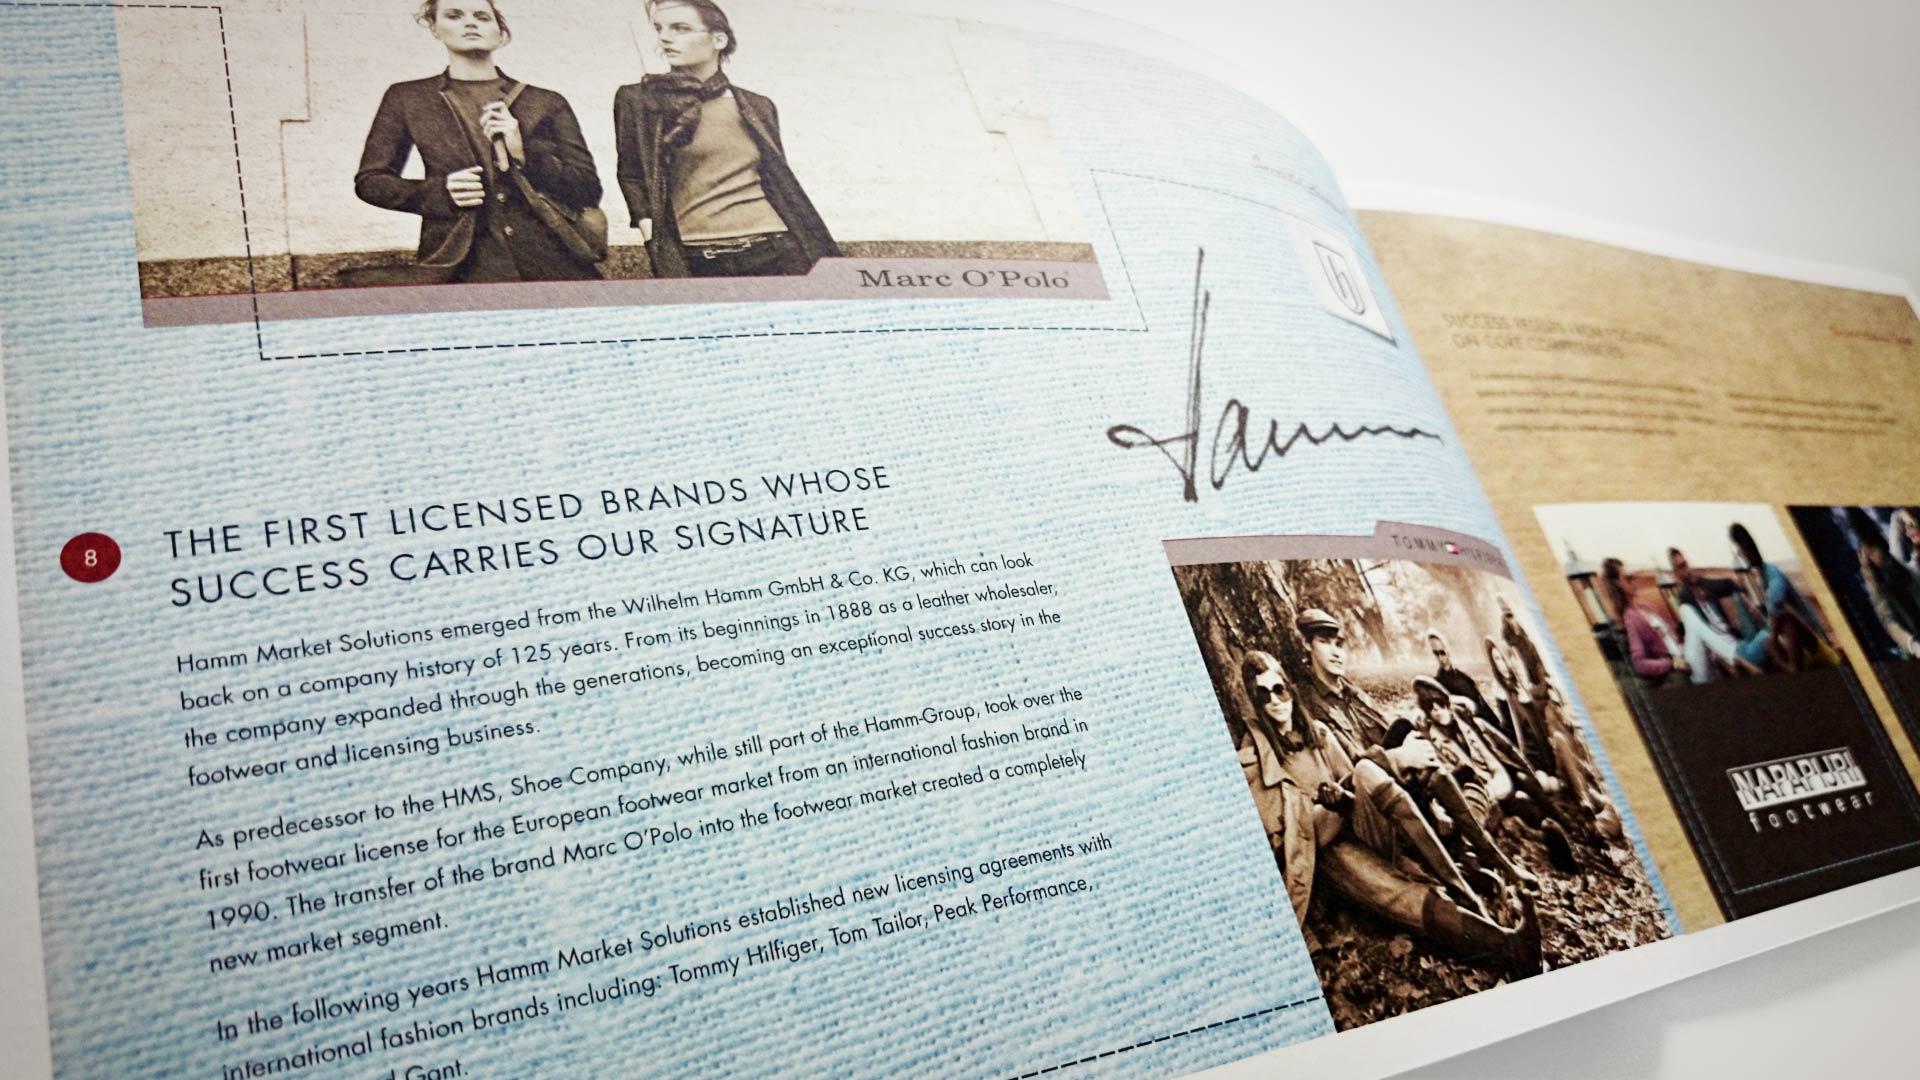 artventura-Projekt Printdesign für hamm |market solutions for branded footwear: Doppelseite einer zweisprachigen Unternehmens- und Imagebroschüre